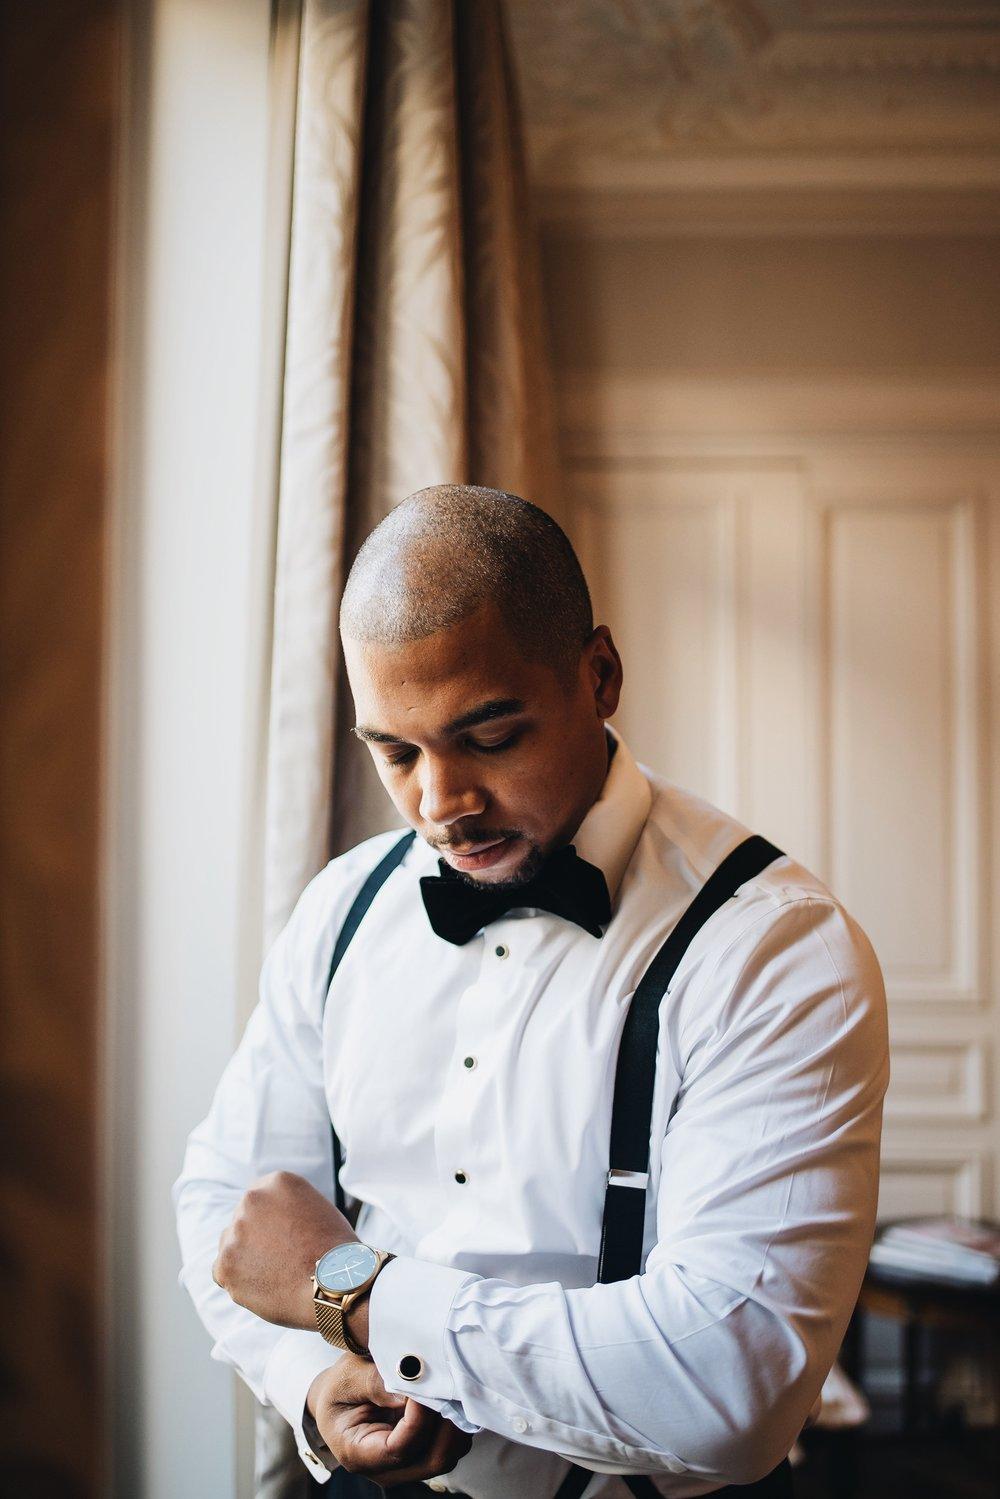 engagement-shoot-destination-paris-the-black-tux-review-asos-design-sequin-tux-beaded-dress-heart-earrings-5.JPG